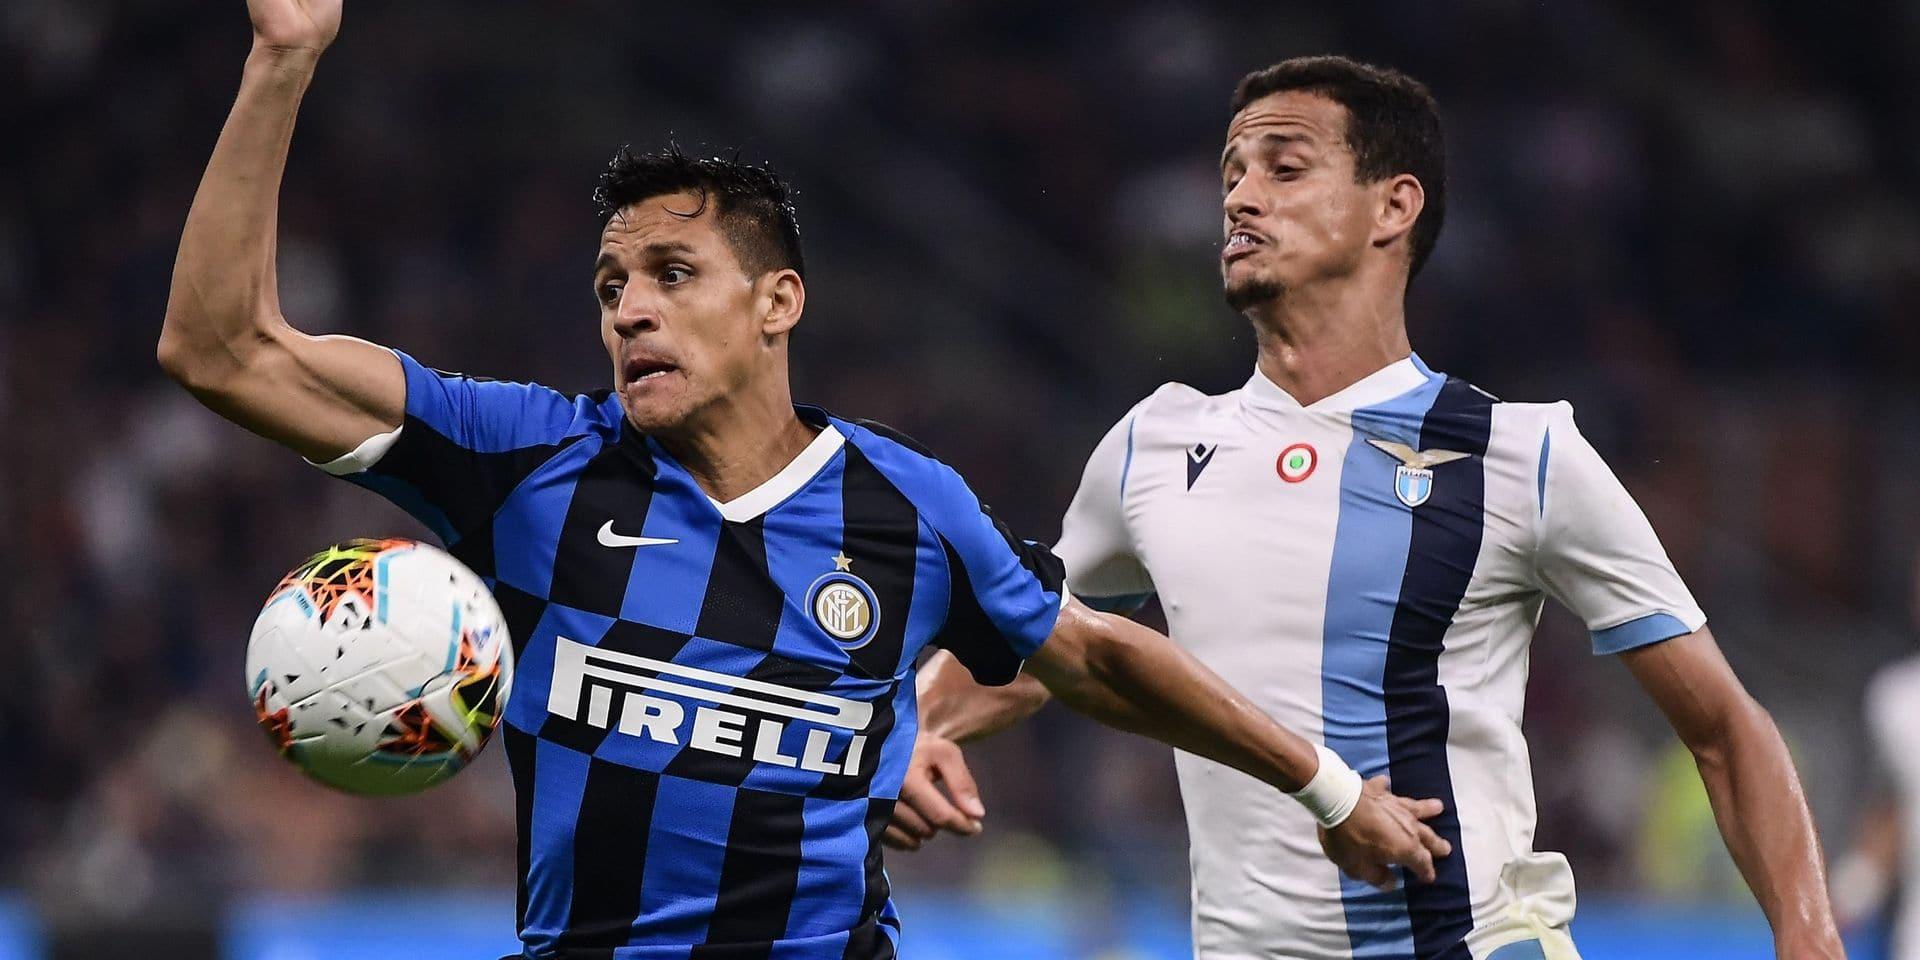 L'Inter privée d'Alexis Sanchez jusque fin 2019